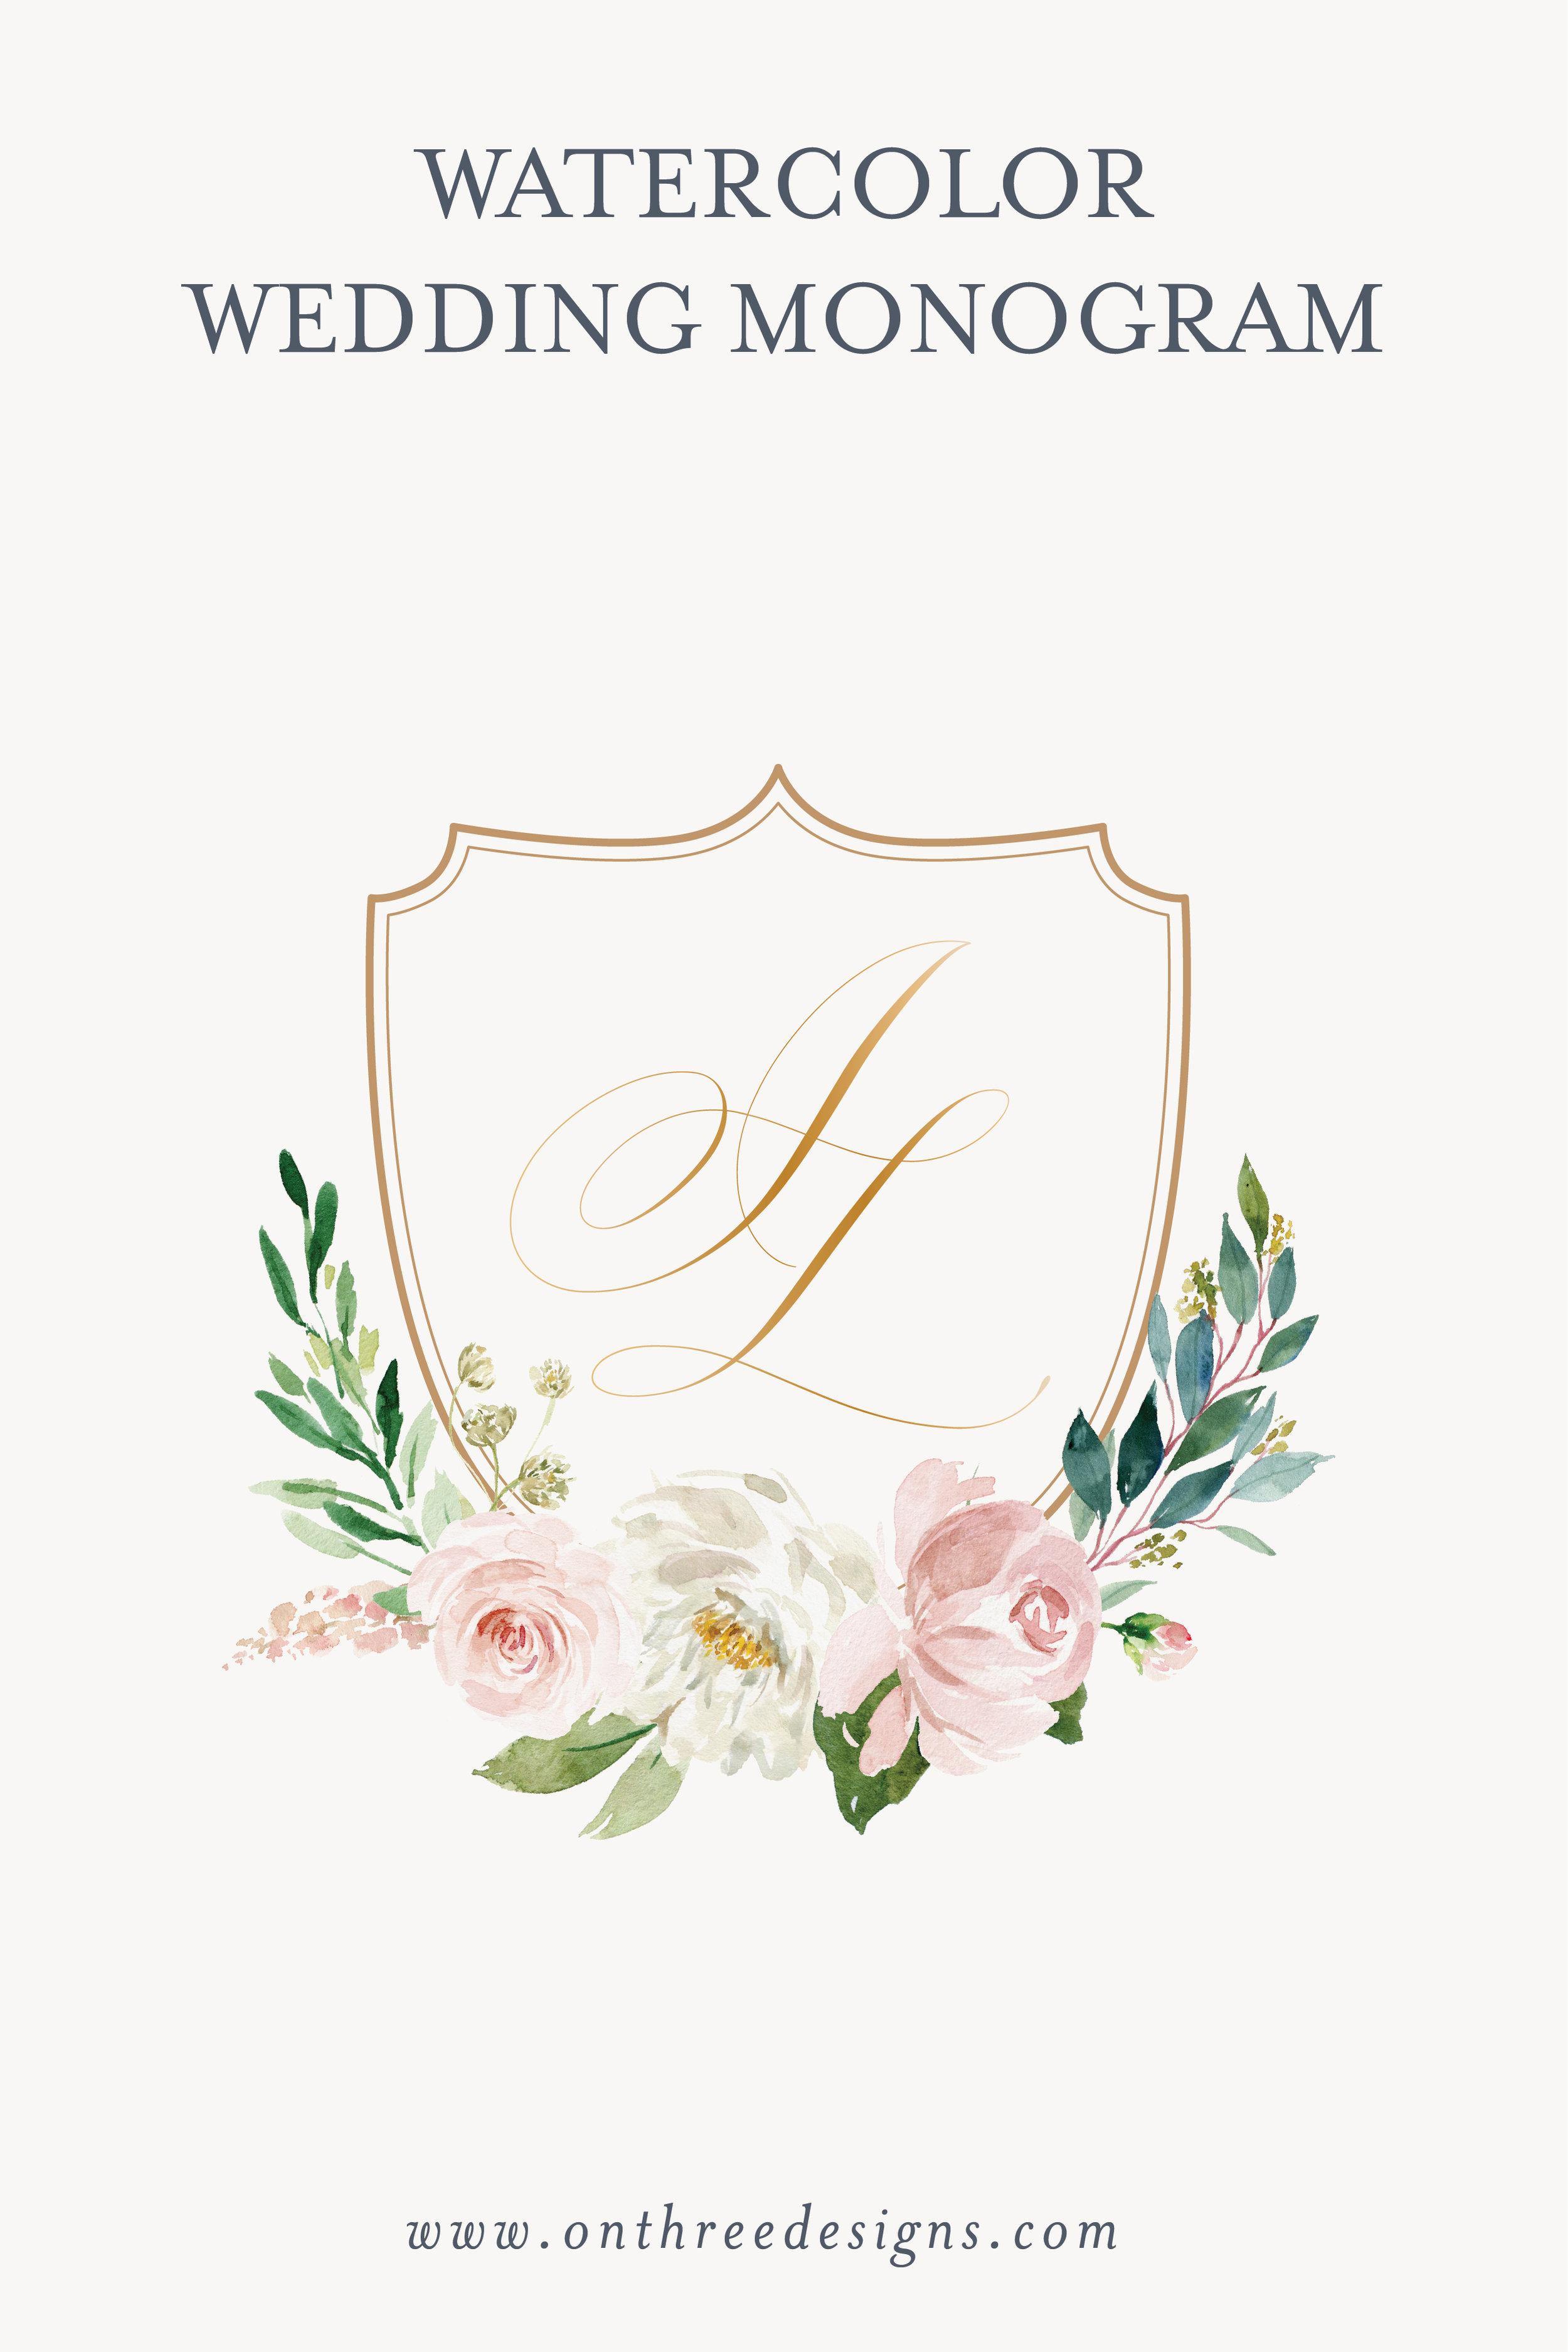 Floral watercolor wedding monogram